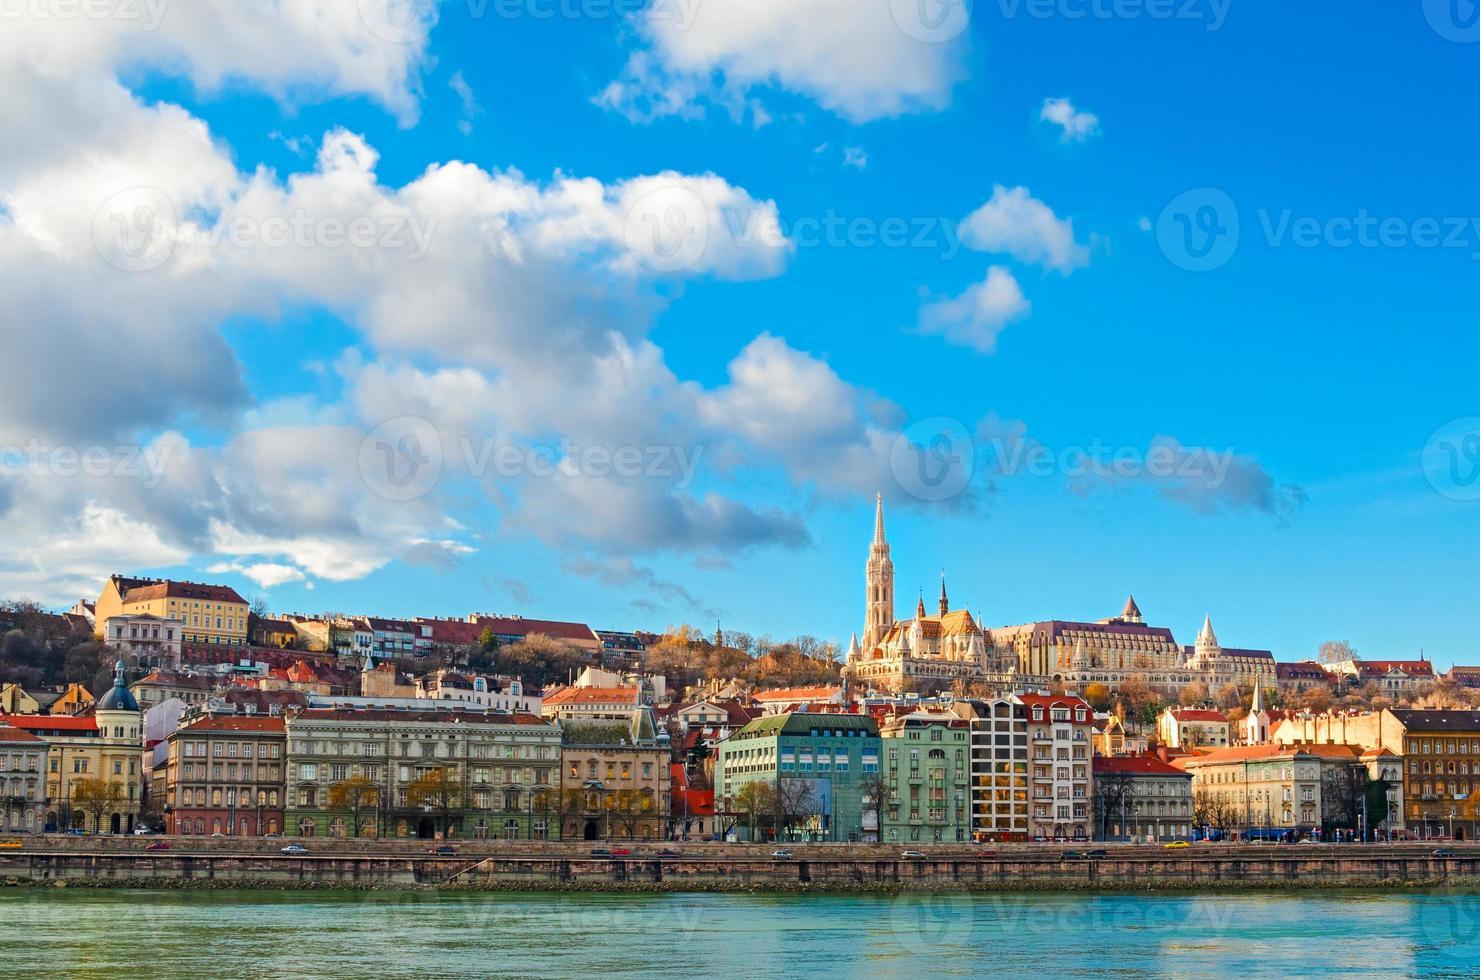 budapest, utsikt över Donau och buda med matthias kyrka foto